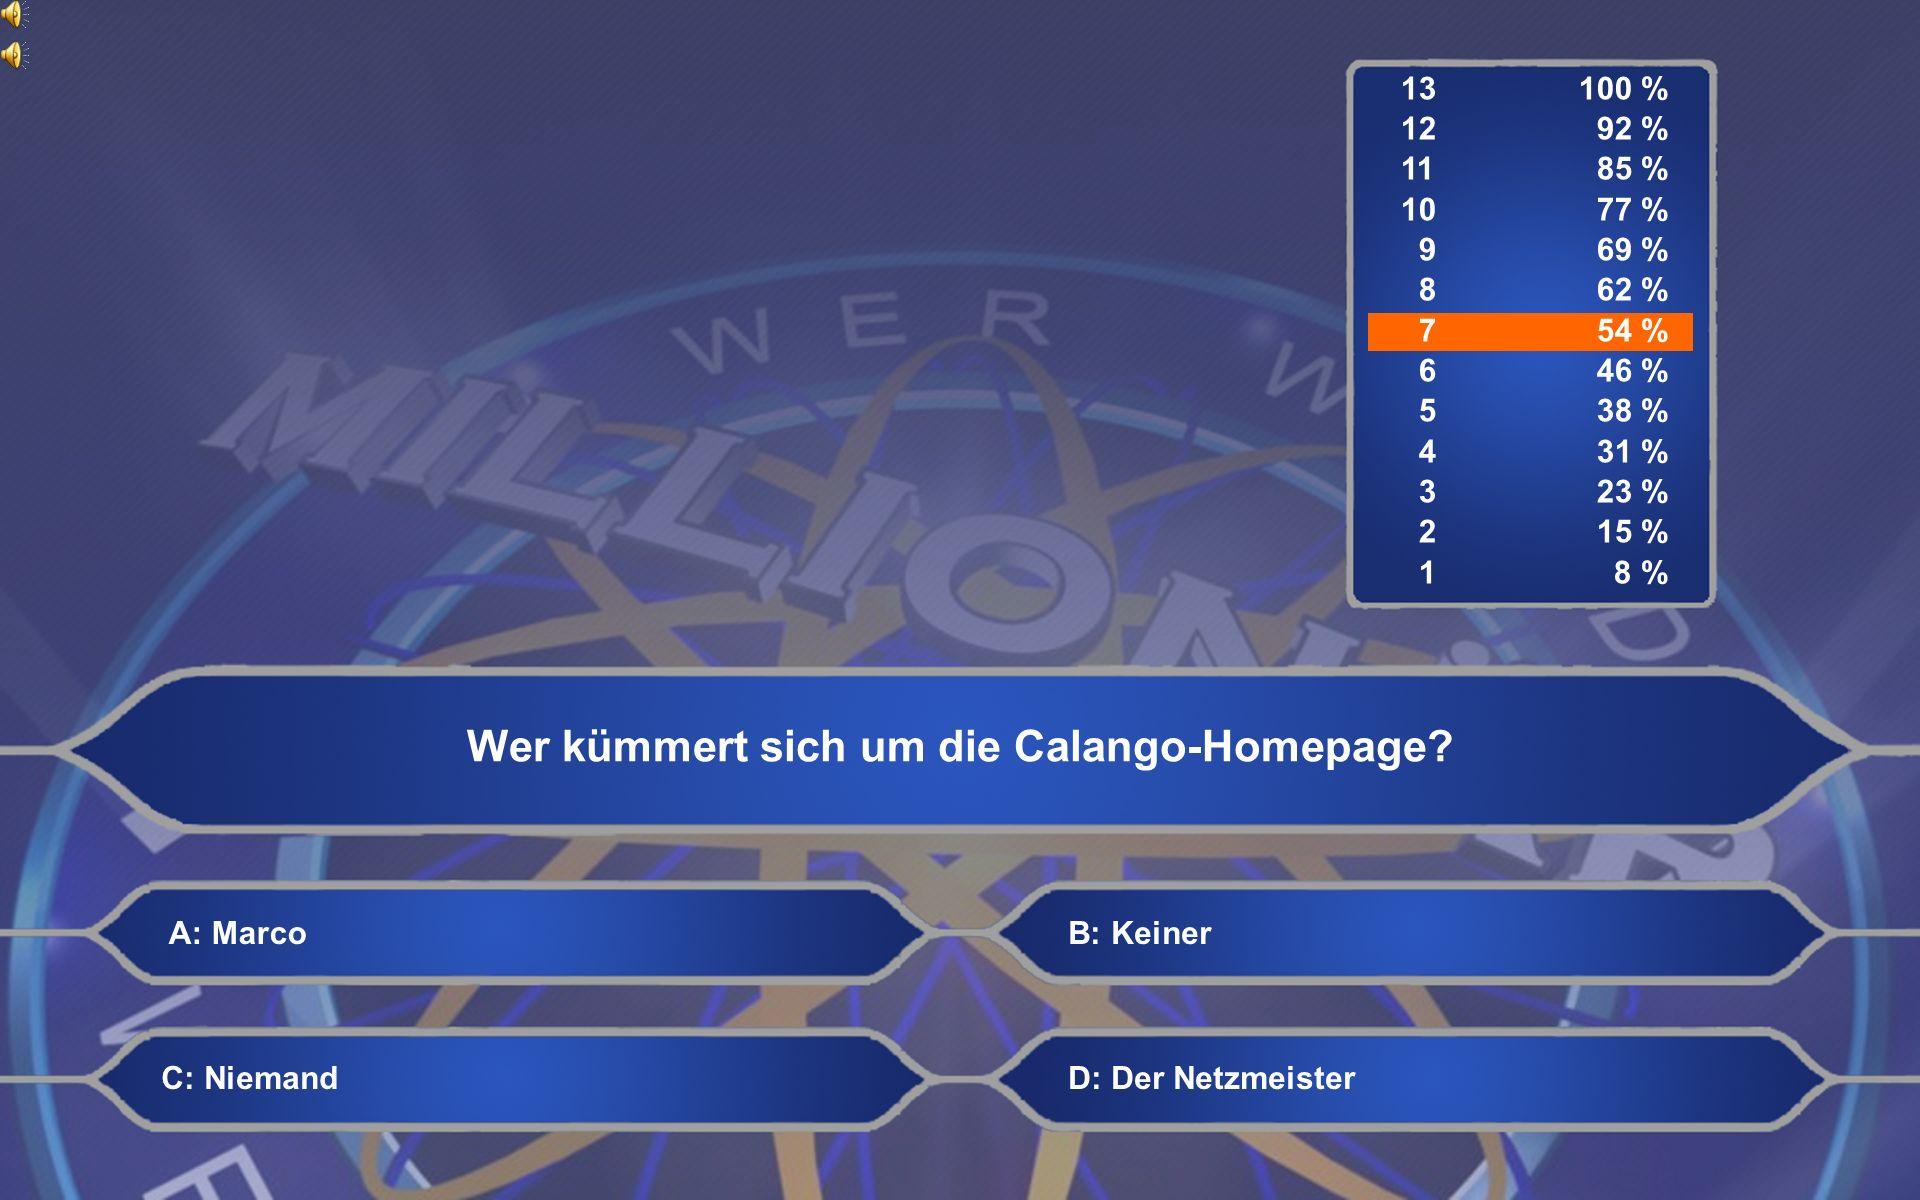 13100 % 12 92 % 11 85 % 10 77 % 9 69 % 8 62 % 7 54 % 6 46 % 5 38 % 4 31 % 3 23 % 2 15 % 1 8 % Wer kümmert sich um die Calango-Homepage.